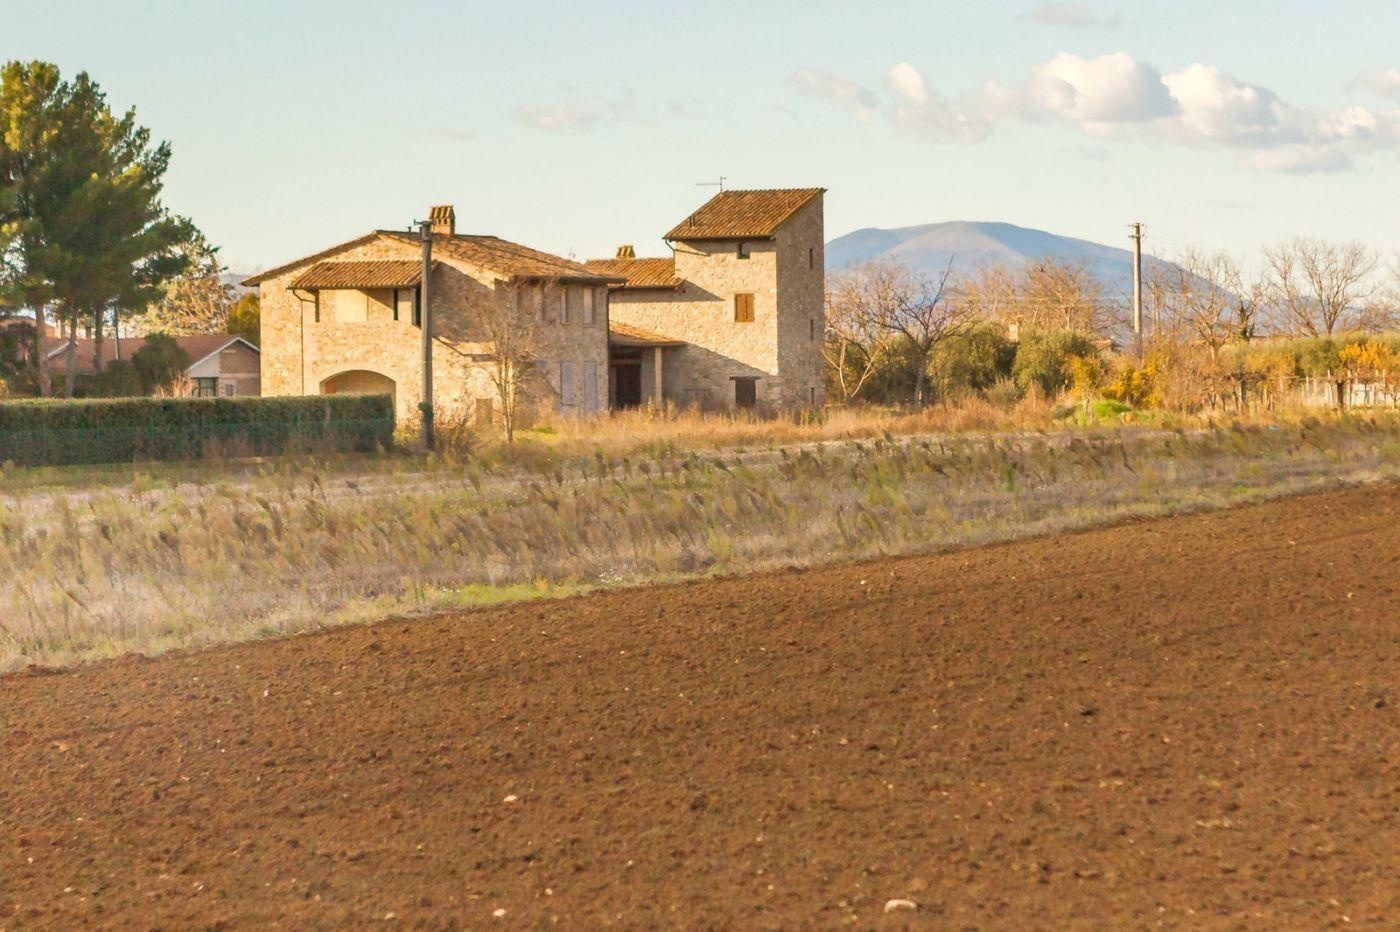 意大利路途,秋后的农村_图1-16